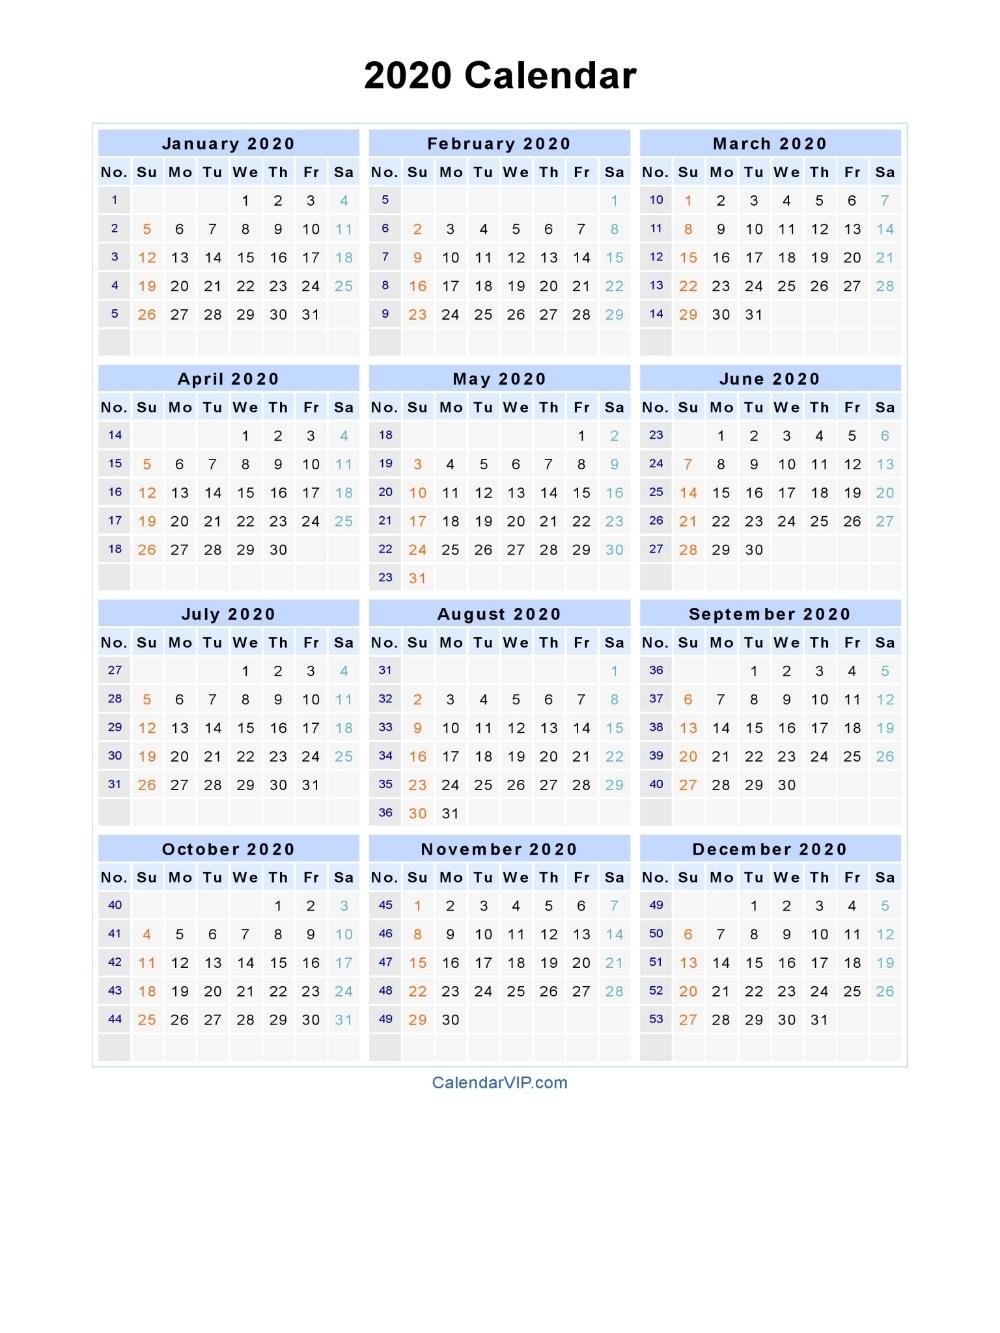 Work Week Calendar 2020 - Cerno.mioduchowski